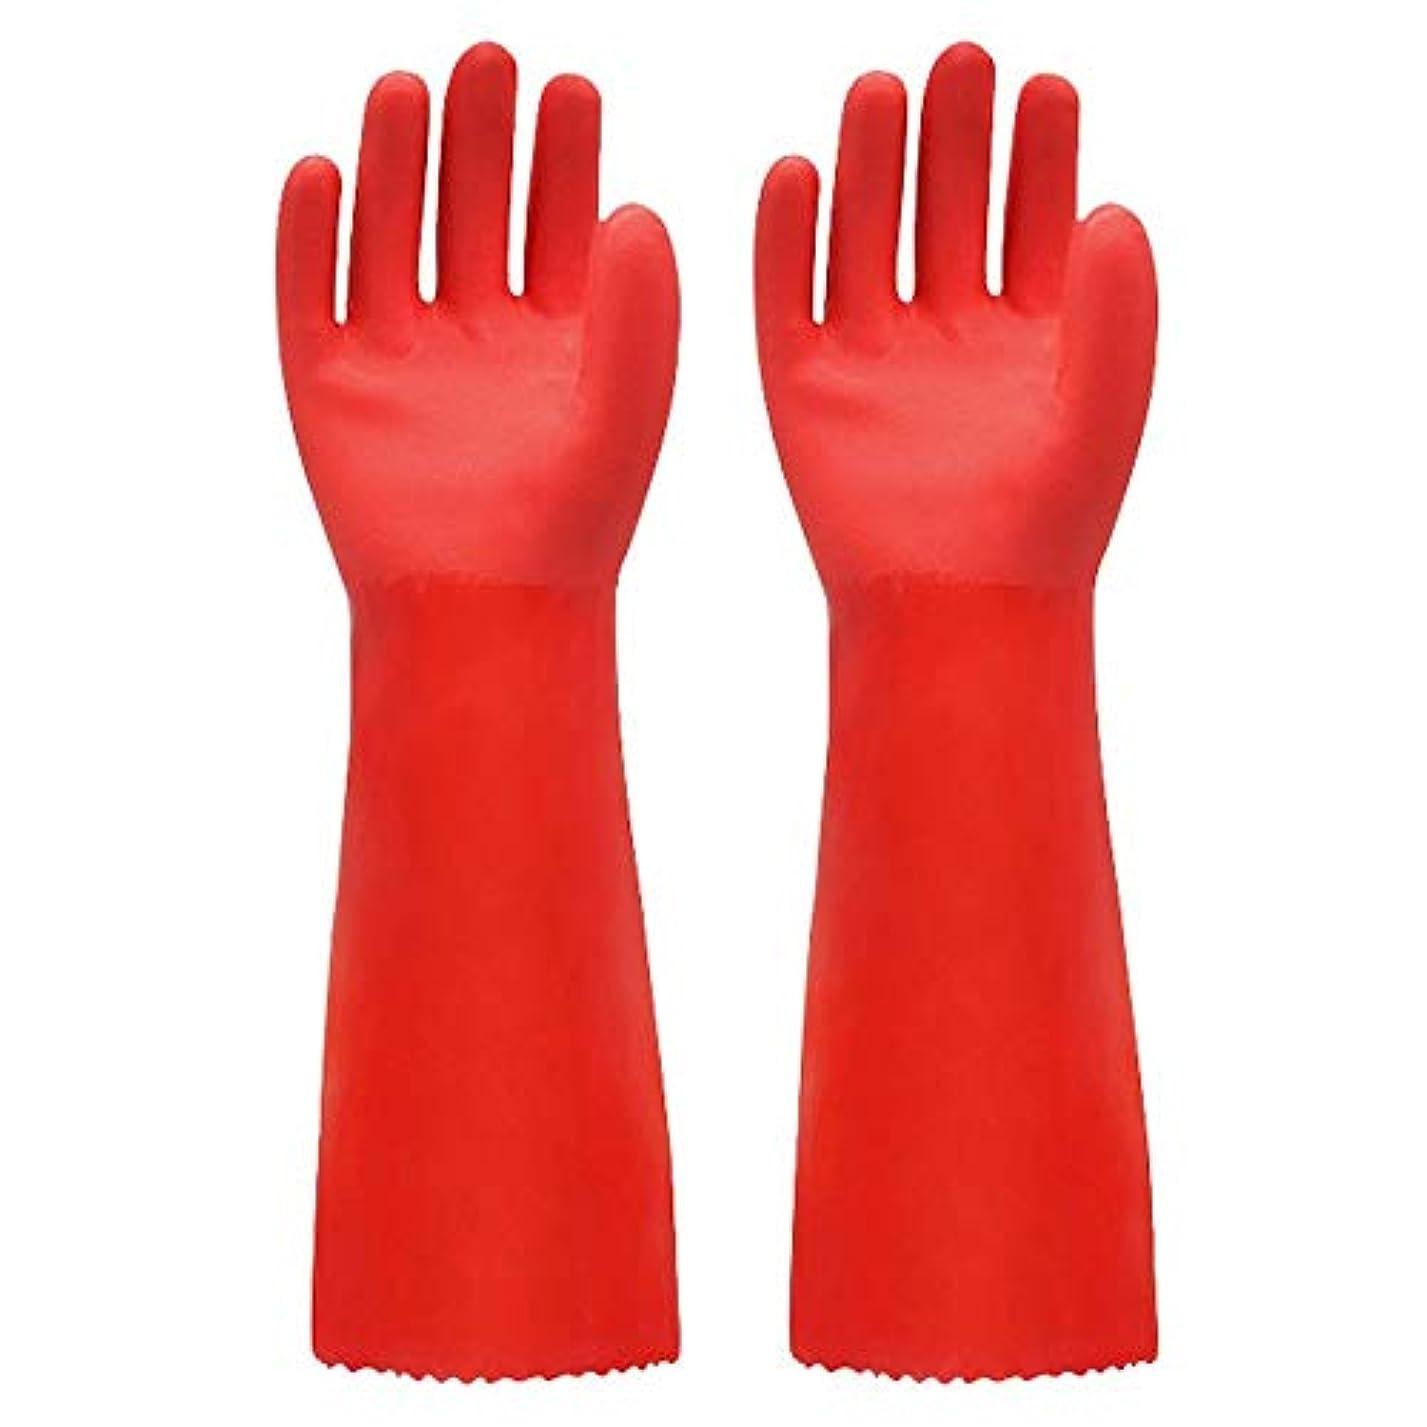 キャリッジ案件革命的ニトリルゴム手袋 ゴム手袋長く暖かいとビロードのゴム製防水と耐久性のある手袋、1ペア 使い捨て手袋 (Color : RED, Size : L)